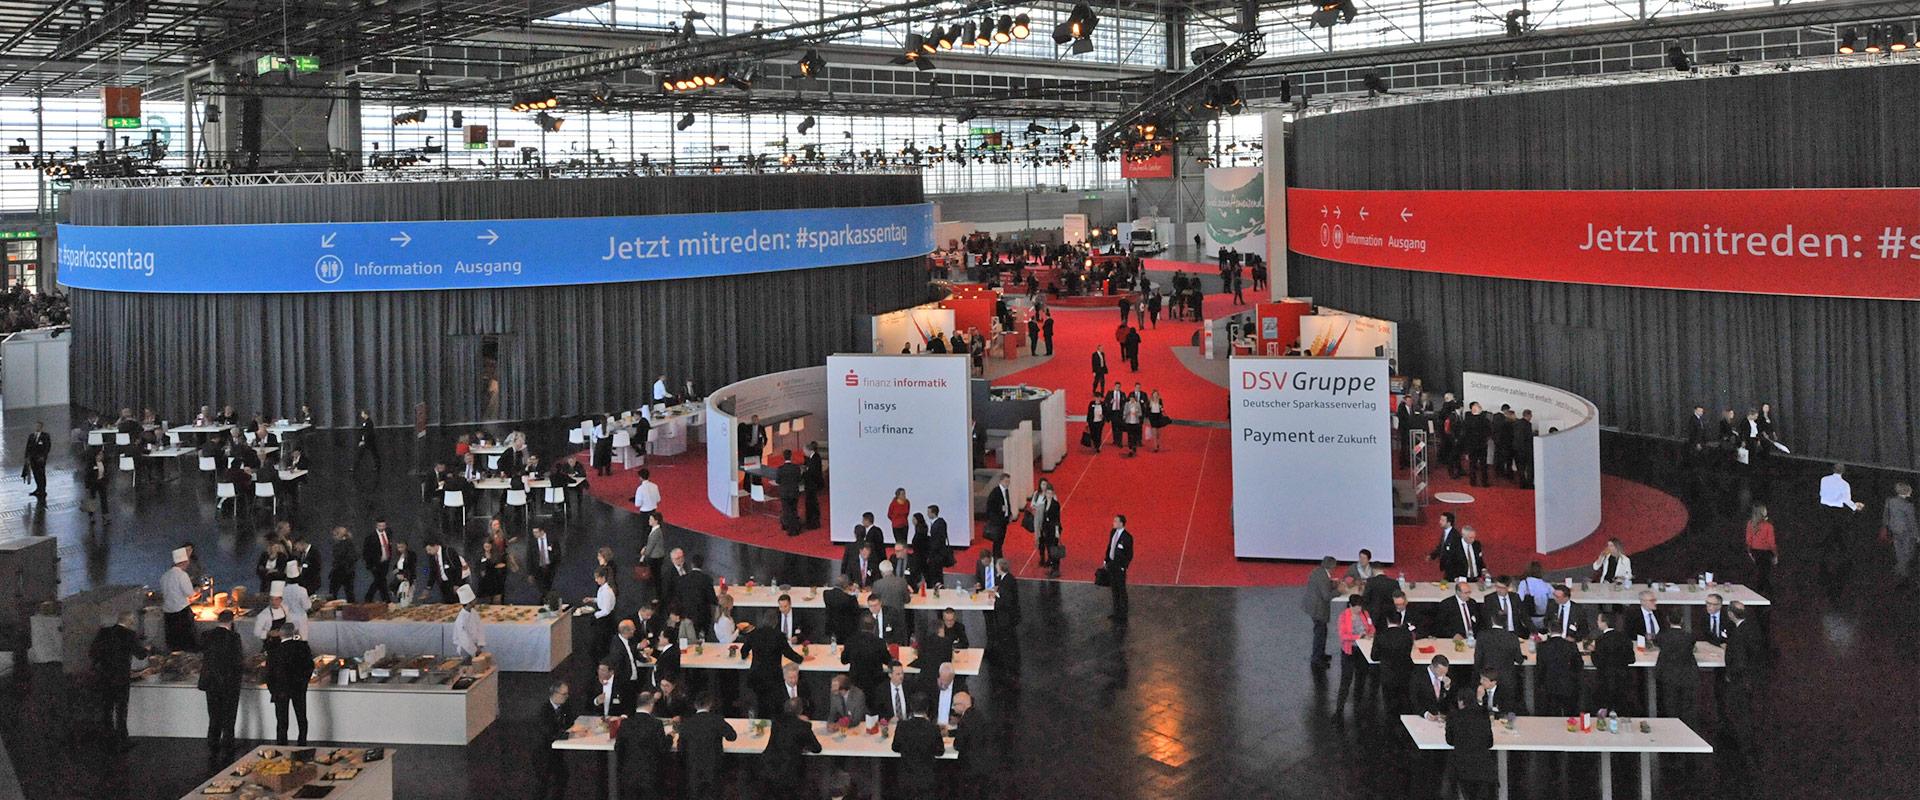 Neu erschaffene Konferenzräume Sparkassentag Düsseldorf